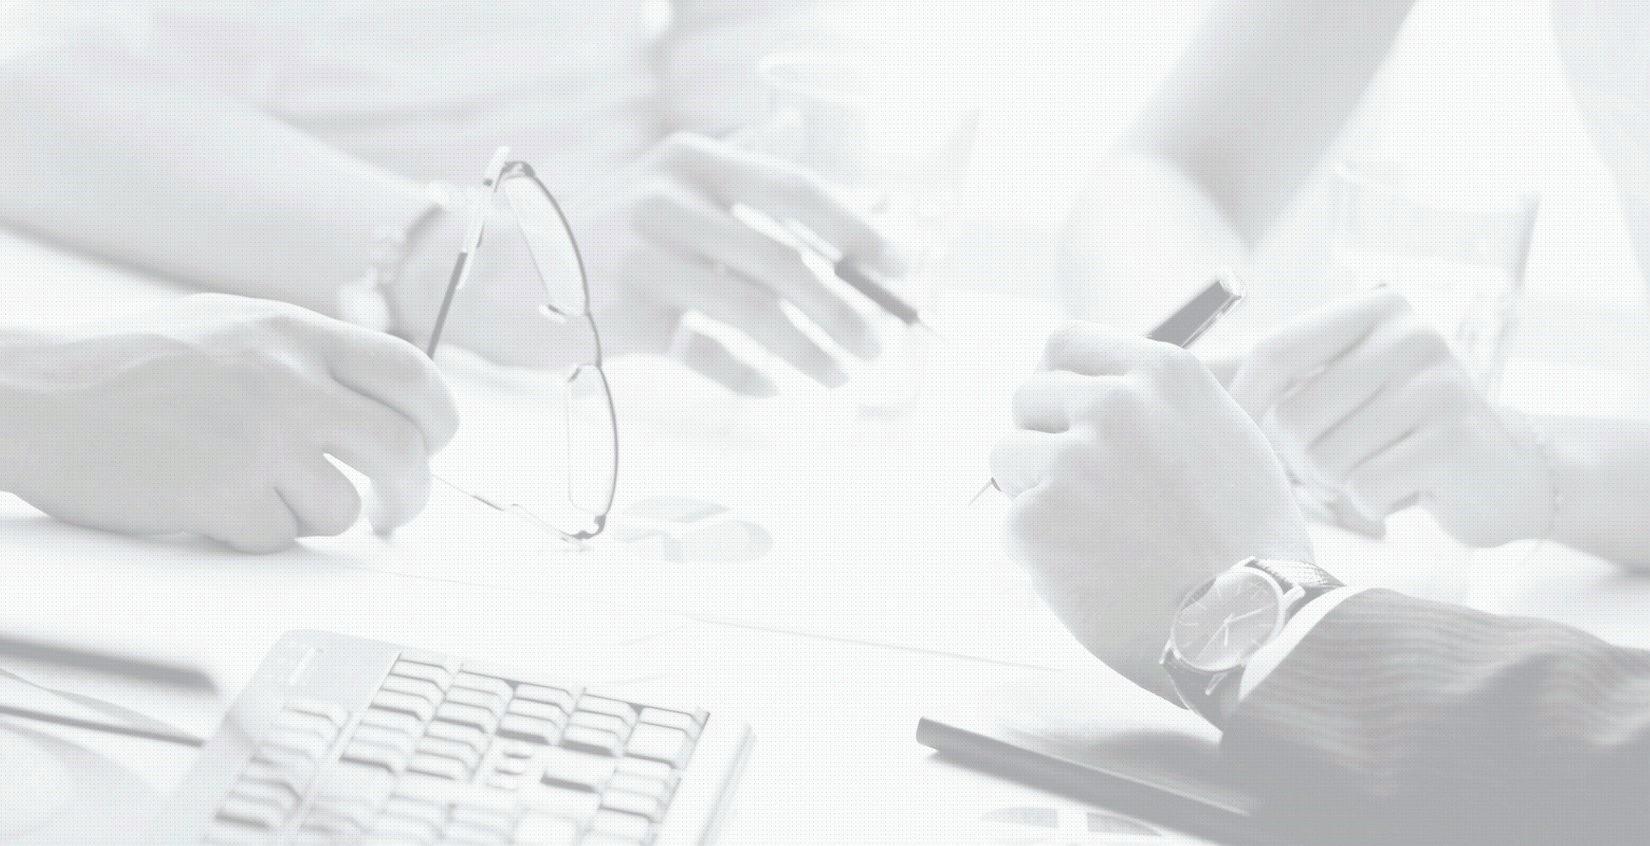 Die Einführung von Collaboration ist kein klassisches IT-Projekt, sondern betrifft das Gesamtunternehmen